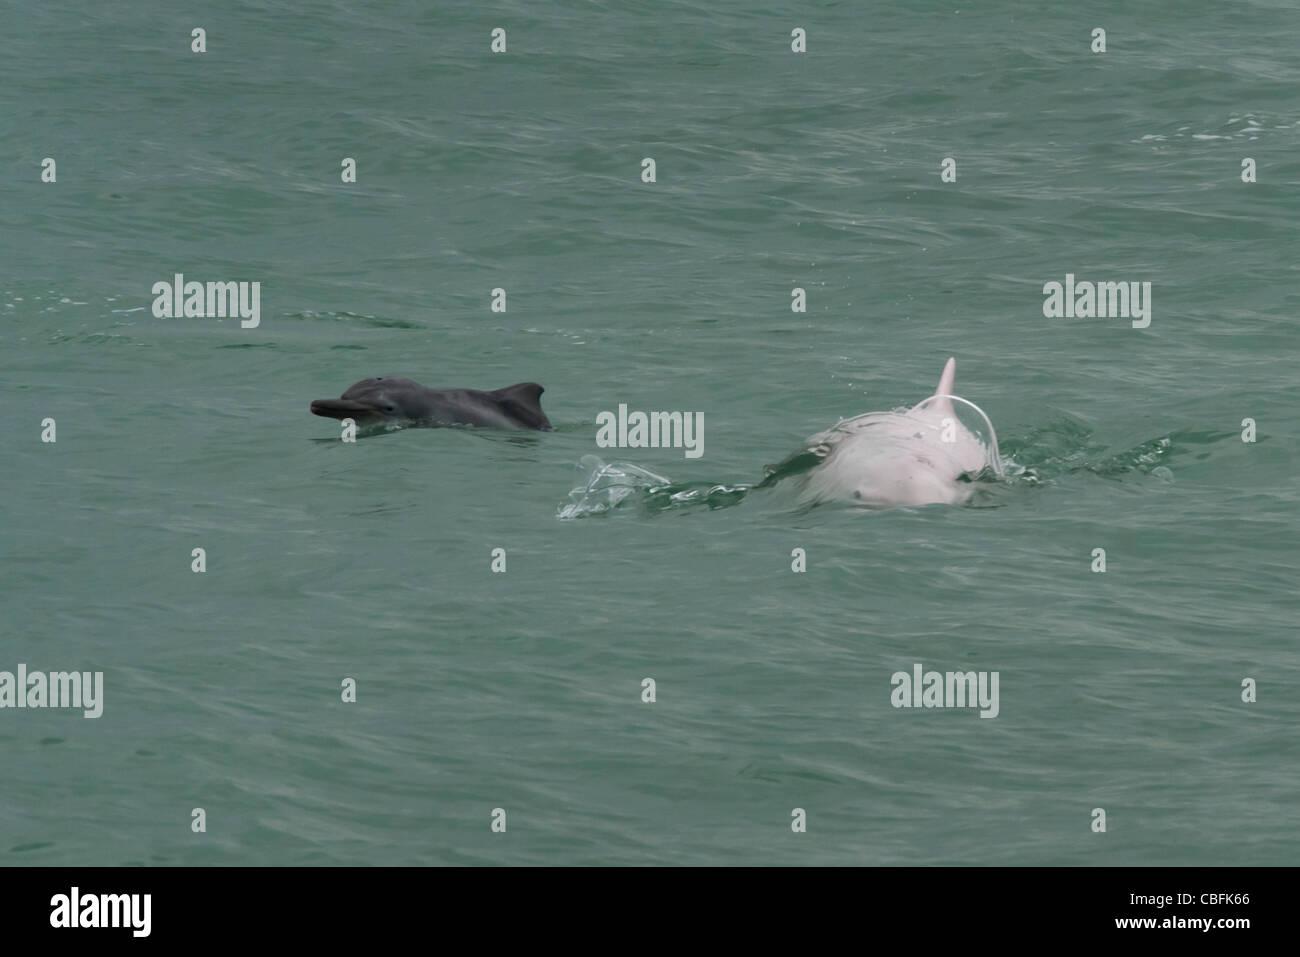 Indo-Pacific Humpback Dolphin (Sousa chinensis), adult female & calf surfacing. Hong Kong, Pearl River Delta. Stock Photo